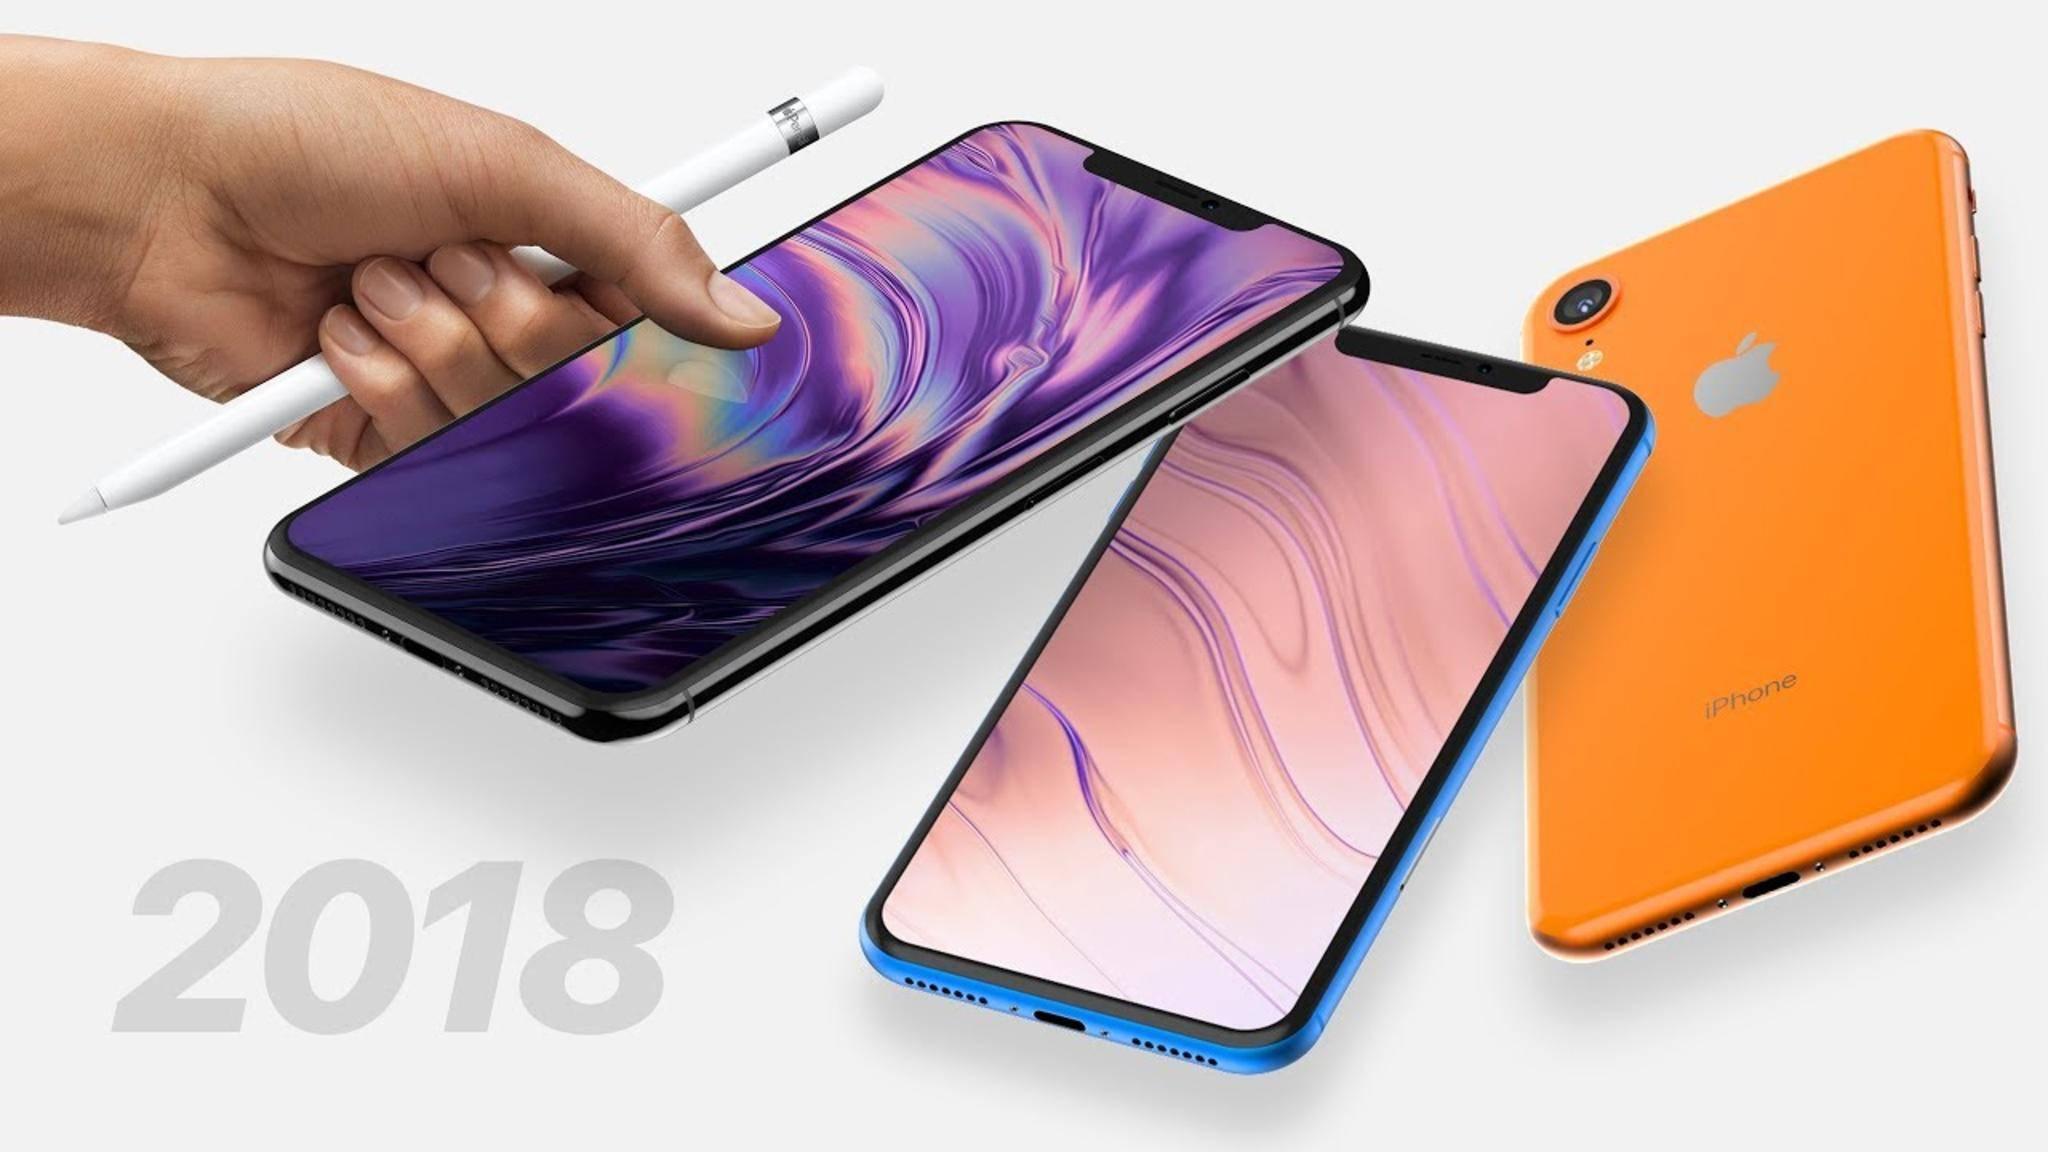 Wird das iPhone 2018 tatsächlich den Apple Pencil unterstützen?